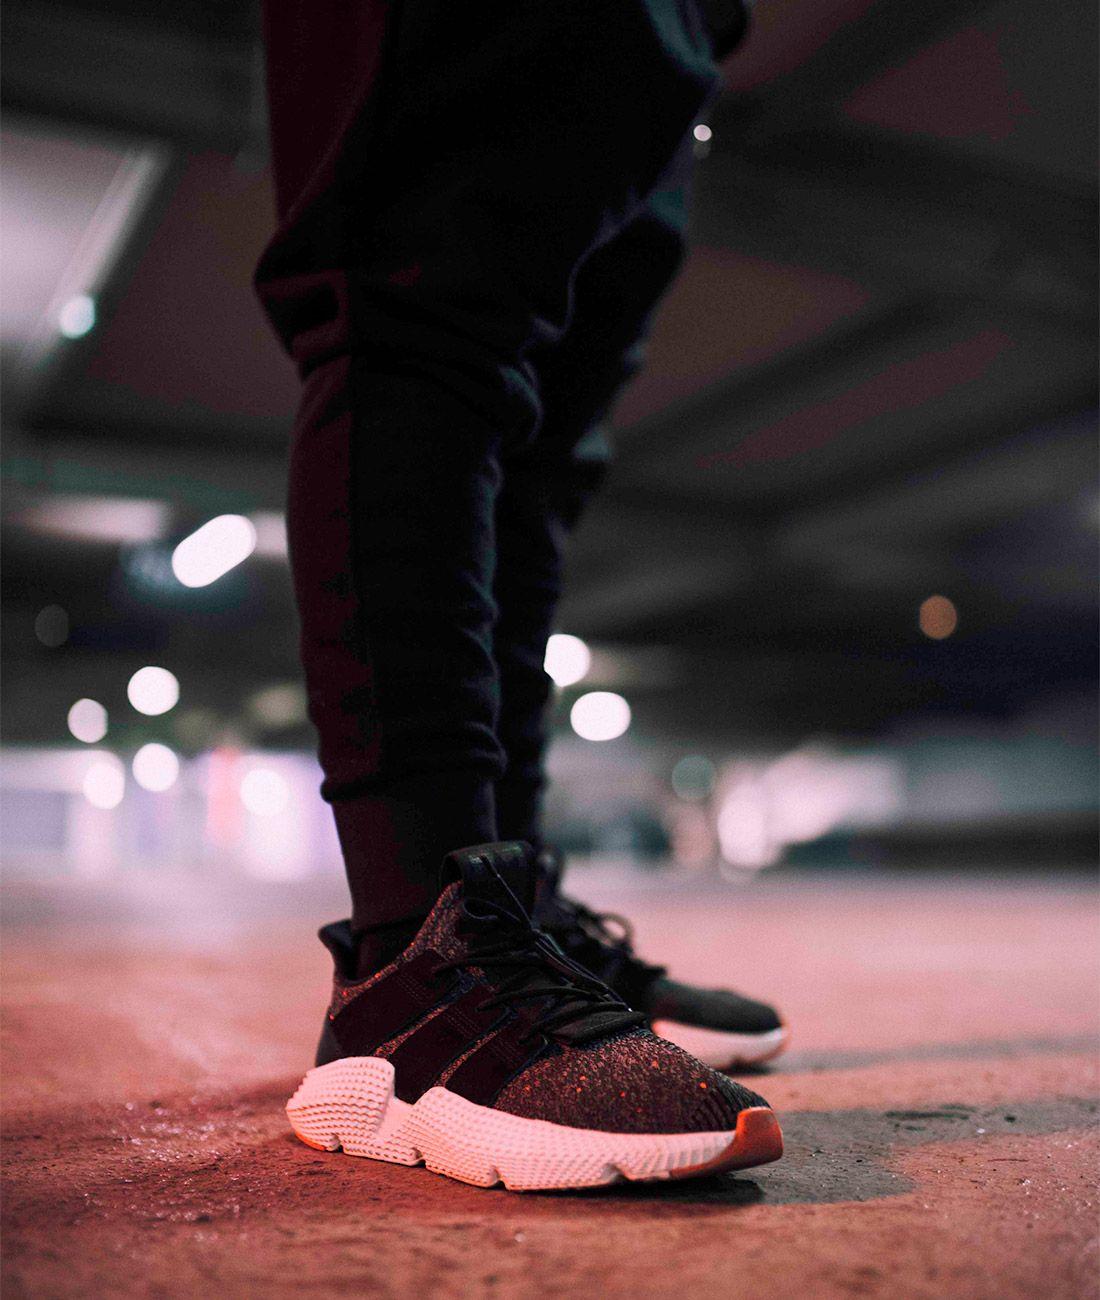 Adidas Prophere Paris France Jokair Sneaker Freaker 2